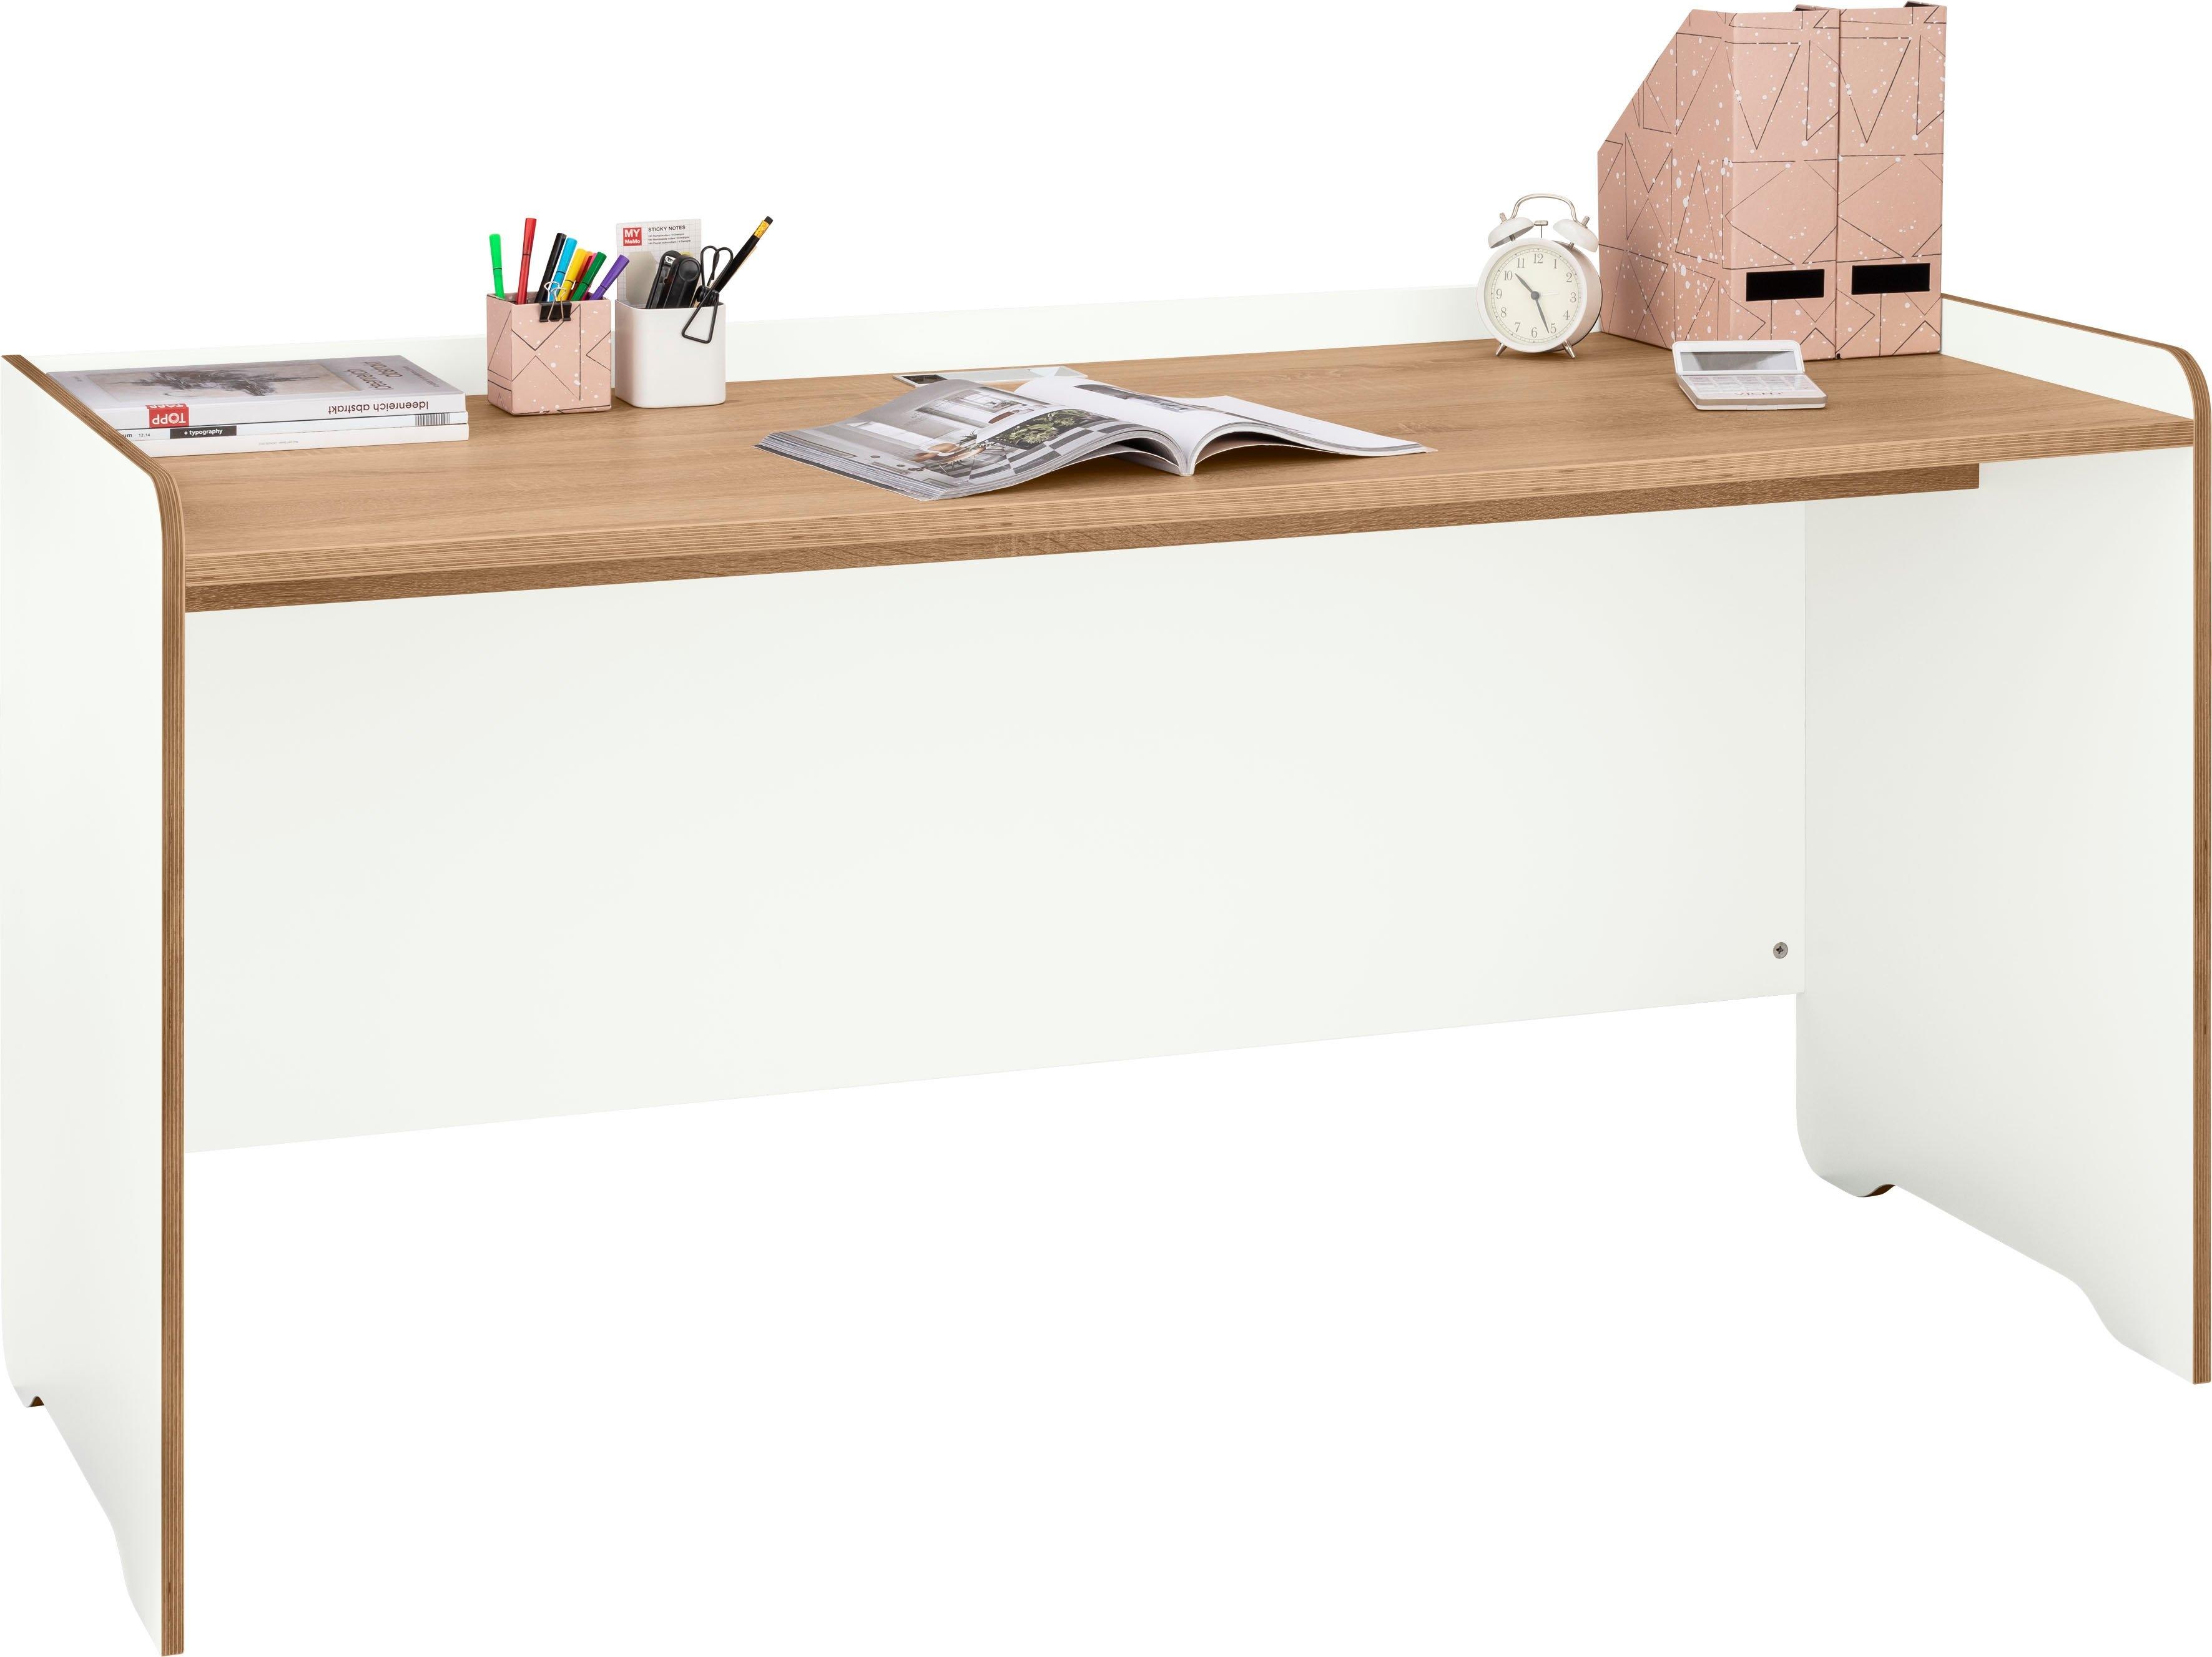 Places of Style bureau »Ergil« voordelig en veilig online kopen